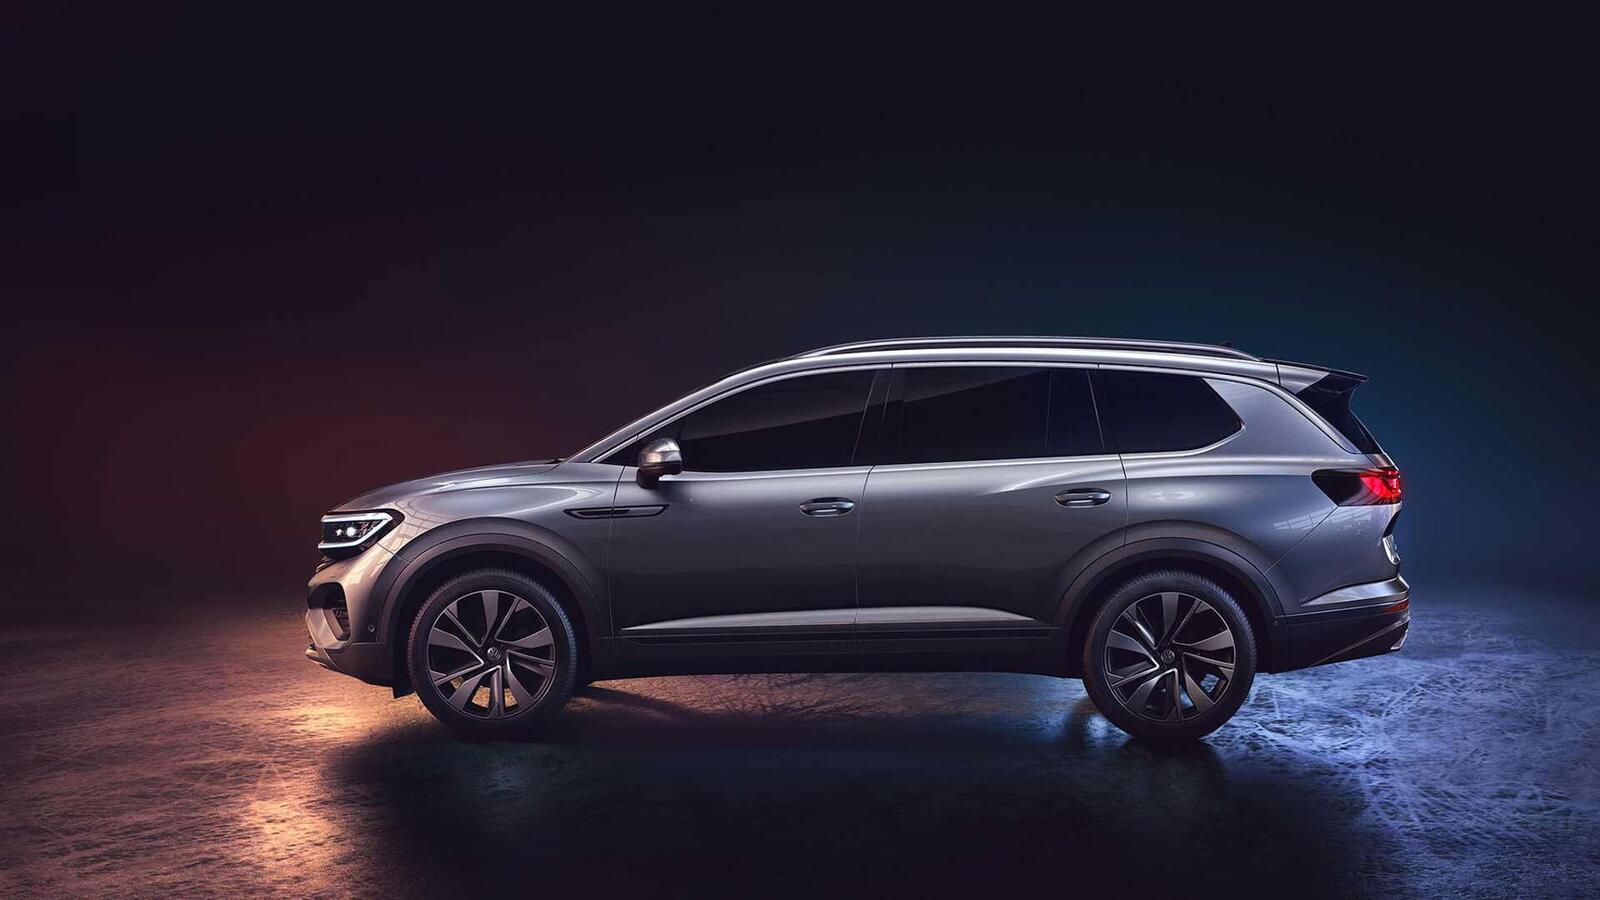 Volkswagen giới thiệu SUV SMV Concept hoàn toàn mới: Dài hơn 5m và lớn hơn cả Touareg - Hình 4